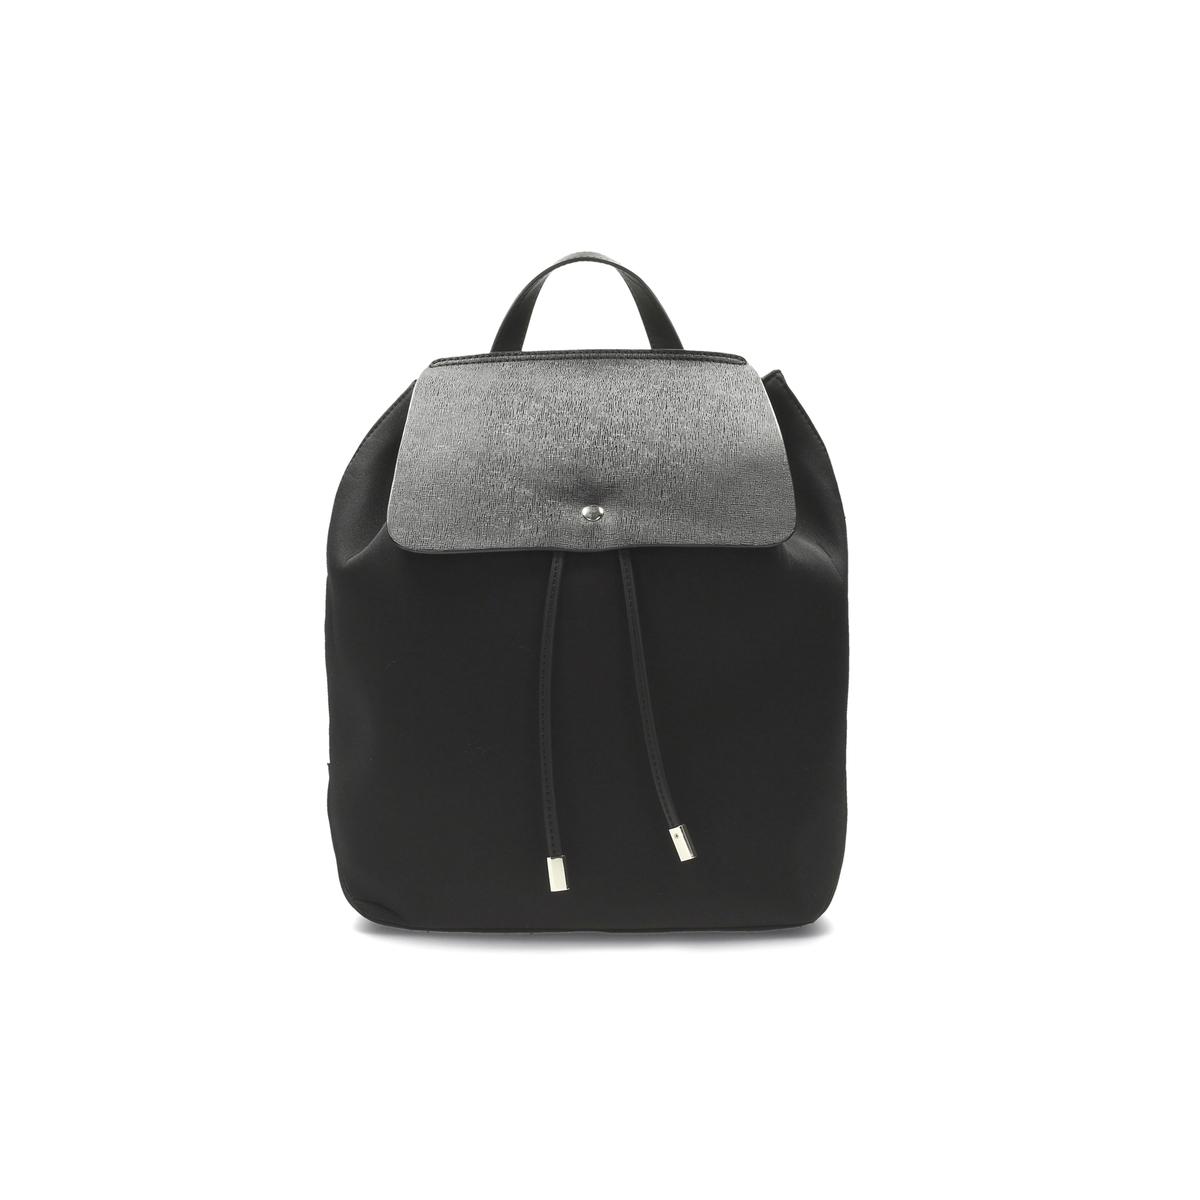 Сумка в форме рюкзакаСостав и описаниеМатериал : верх из синтетики                 подкладка из текстиля Марка : ClarksМодель : Miss Poppy Размеры : 33 x 13 x 44 смЗастежка : кнопкаНебольшой внутренний карман на молнииРегулируемые лямки.<br><br>Цвет: синий морской,черный